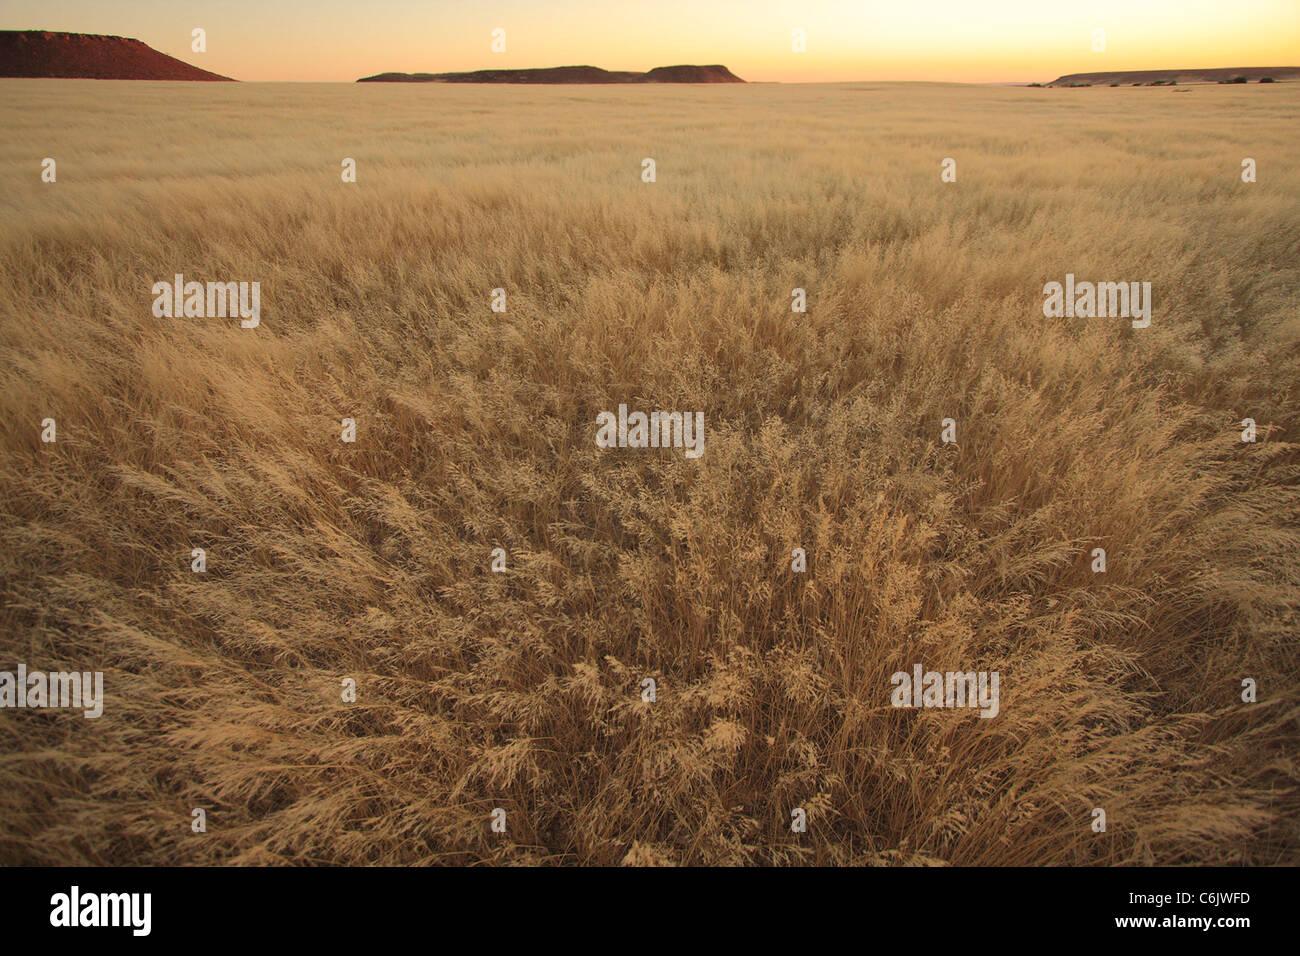 Bushmen grass desert landscape - Stock Image